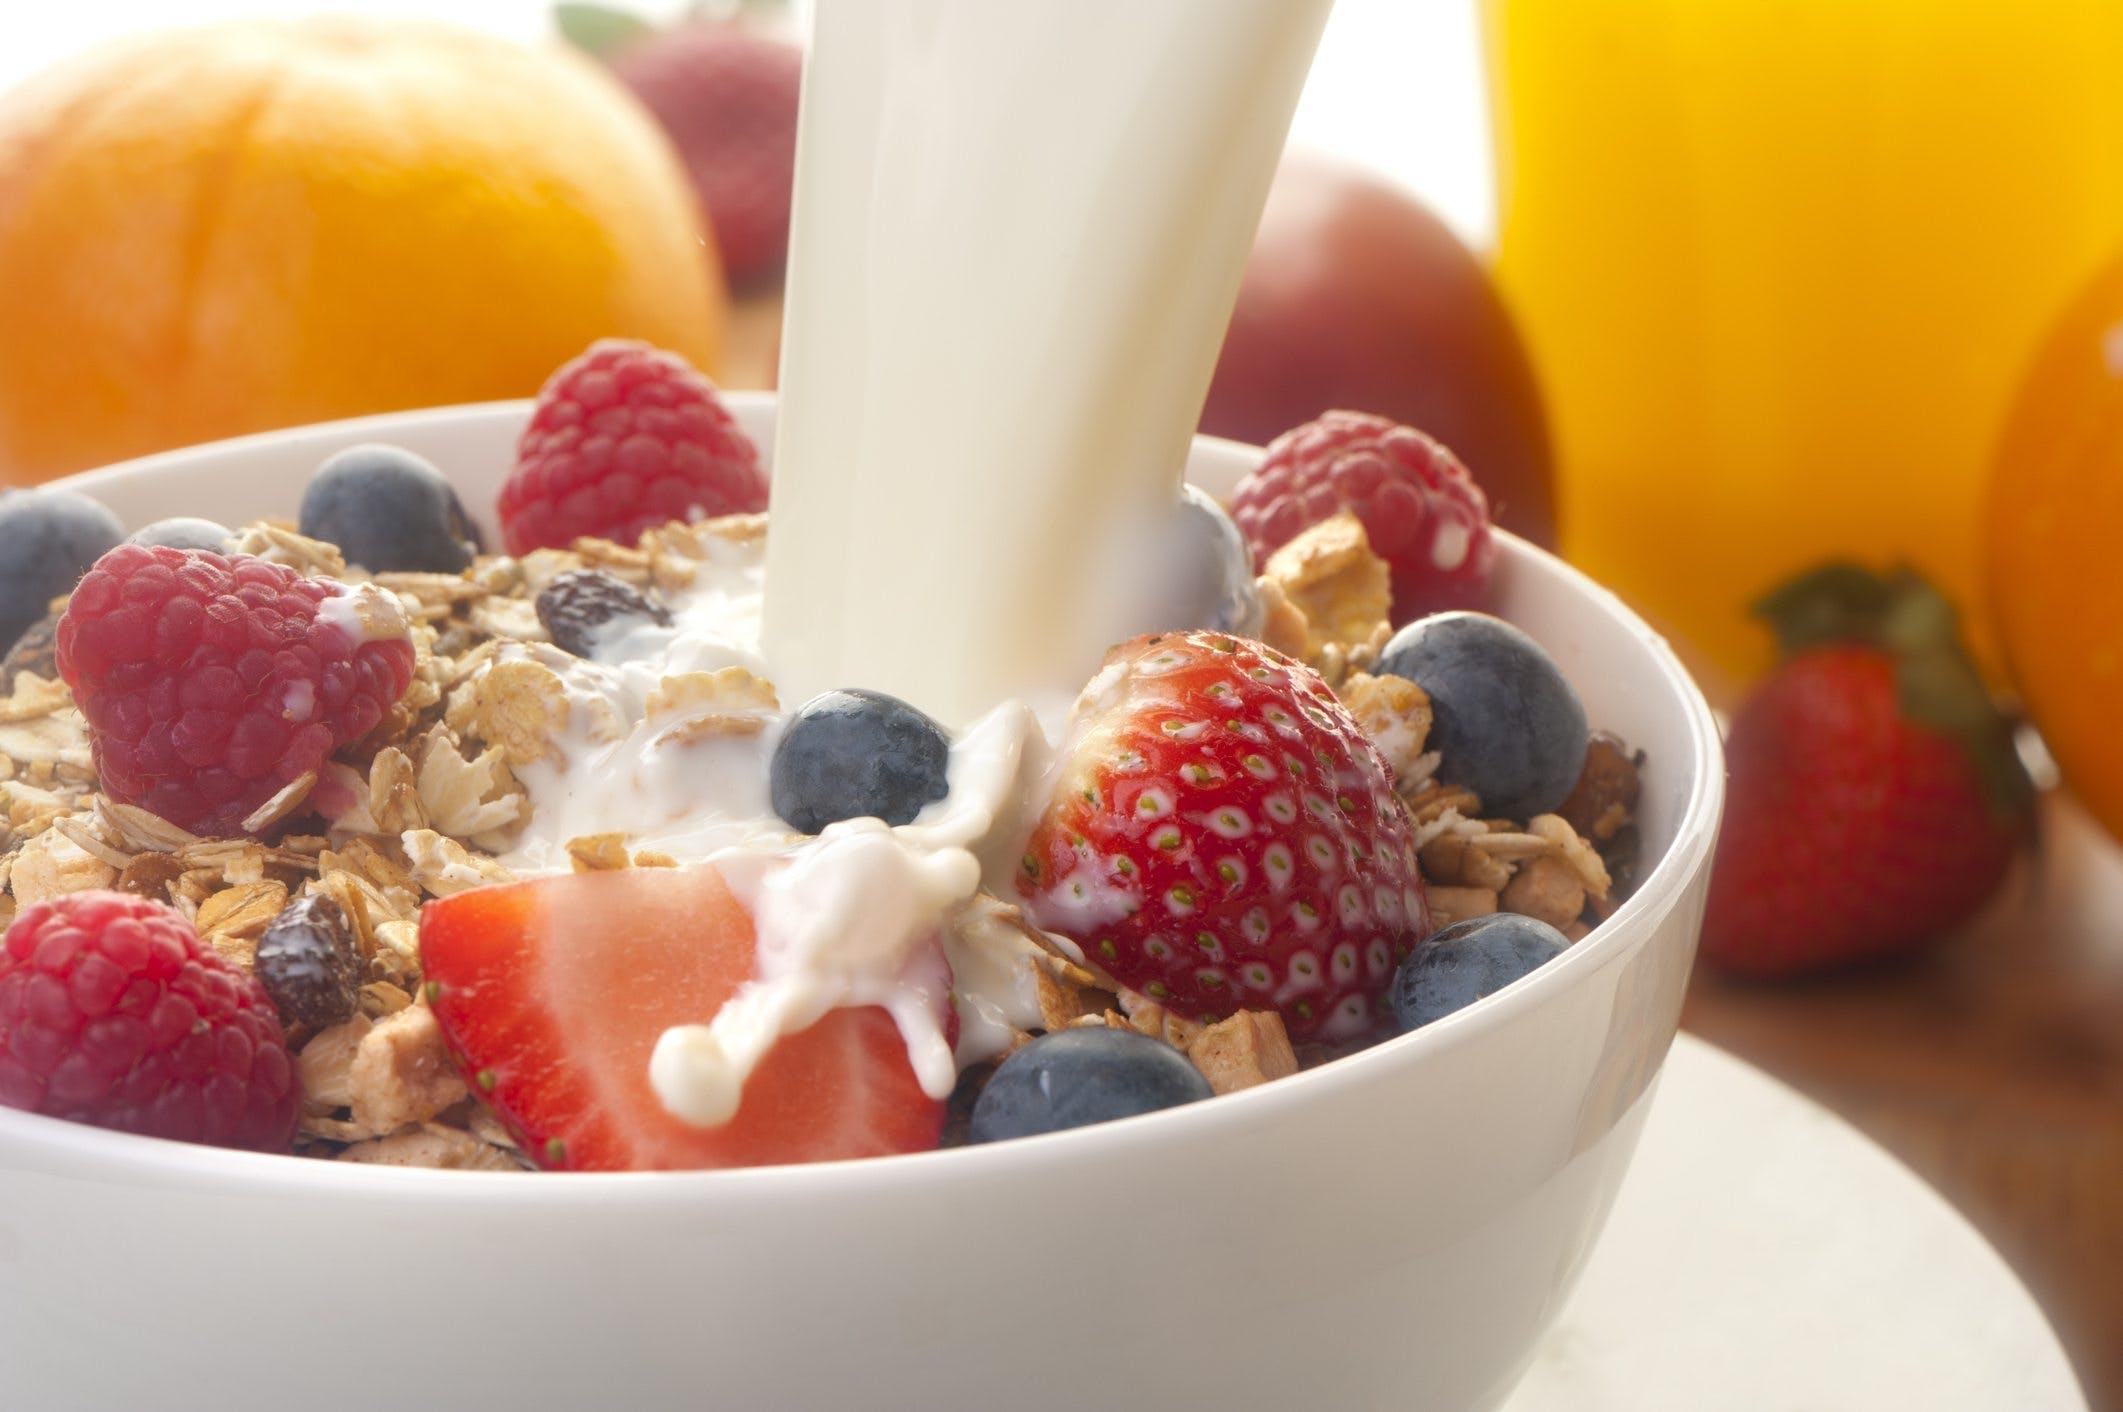 Typical DASH-diet foods: skim milk, grains and fruit